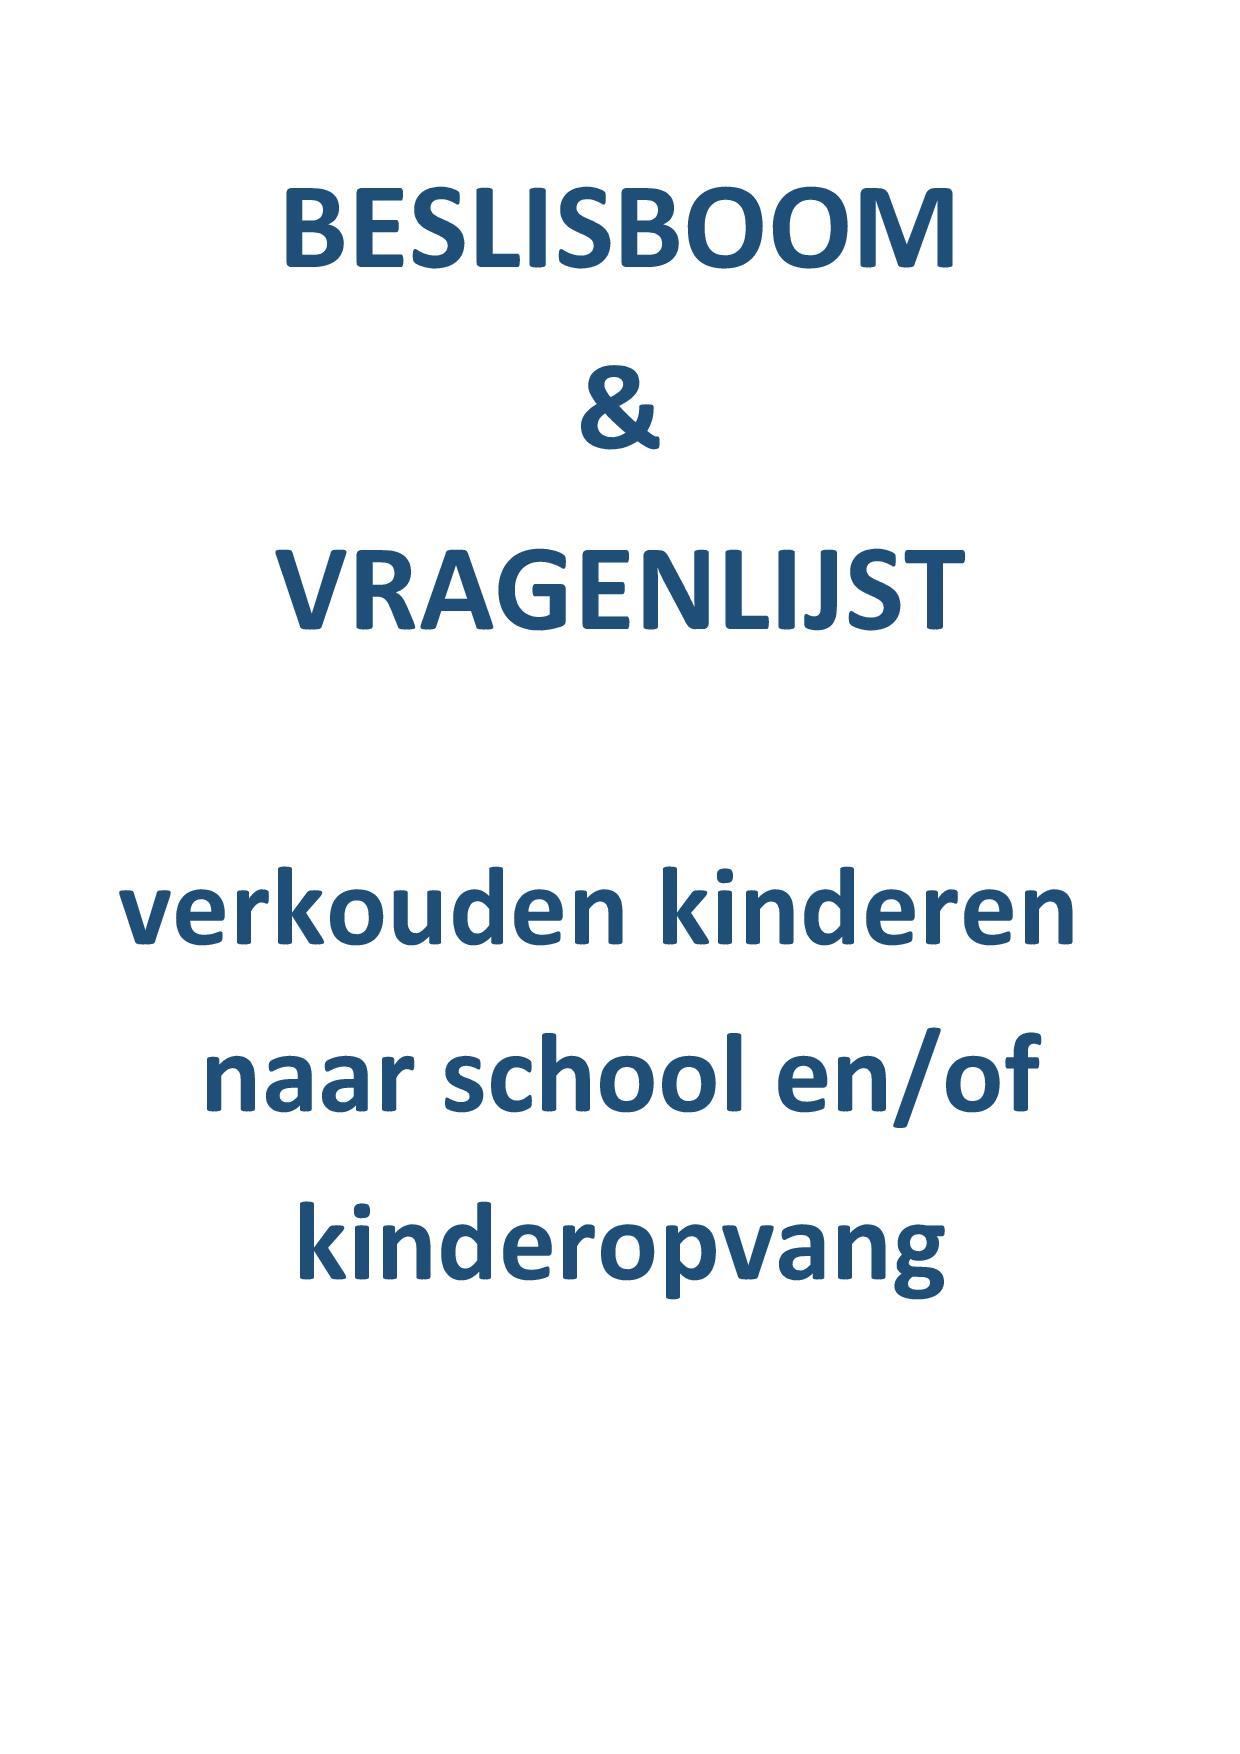 Beslisboom Versie 12-2-2021:0 Jaar T/m Klas 6